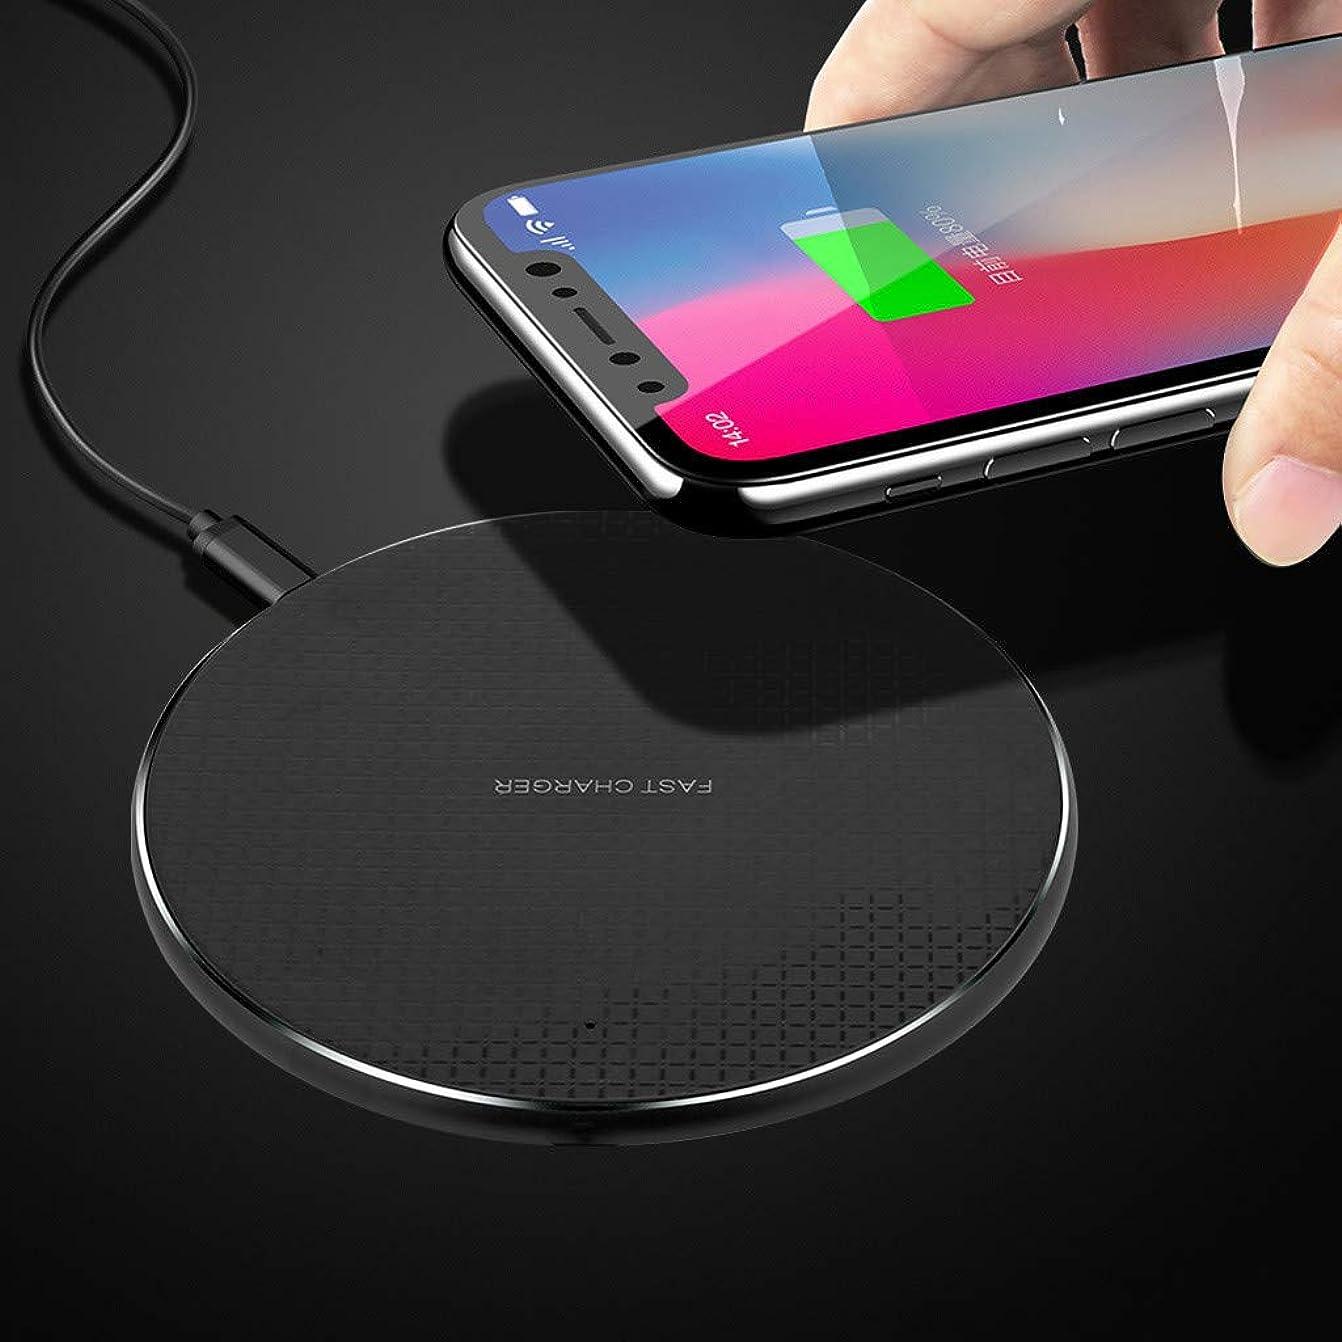 暫定の彼ら有利メタル急速充電ワイヤレス充電器 iPhone用サムスンのための超薄型の金属充電チーワイヤレス急速充電パッド 軽量ポータブル (ブラック)